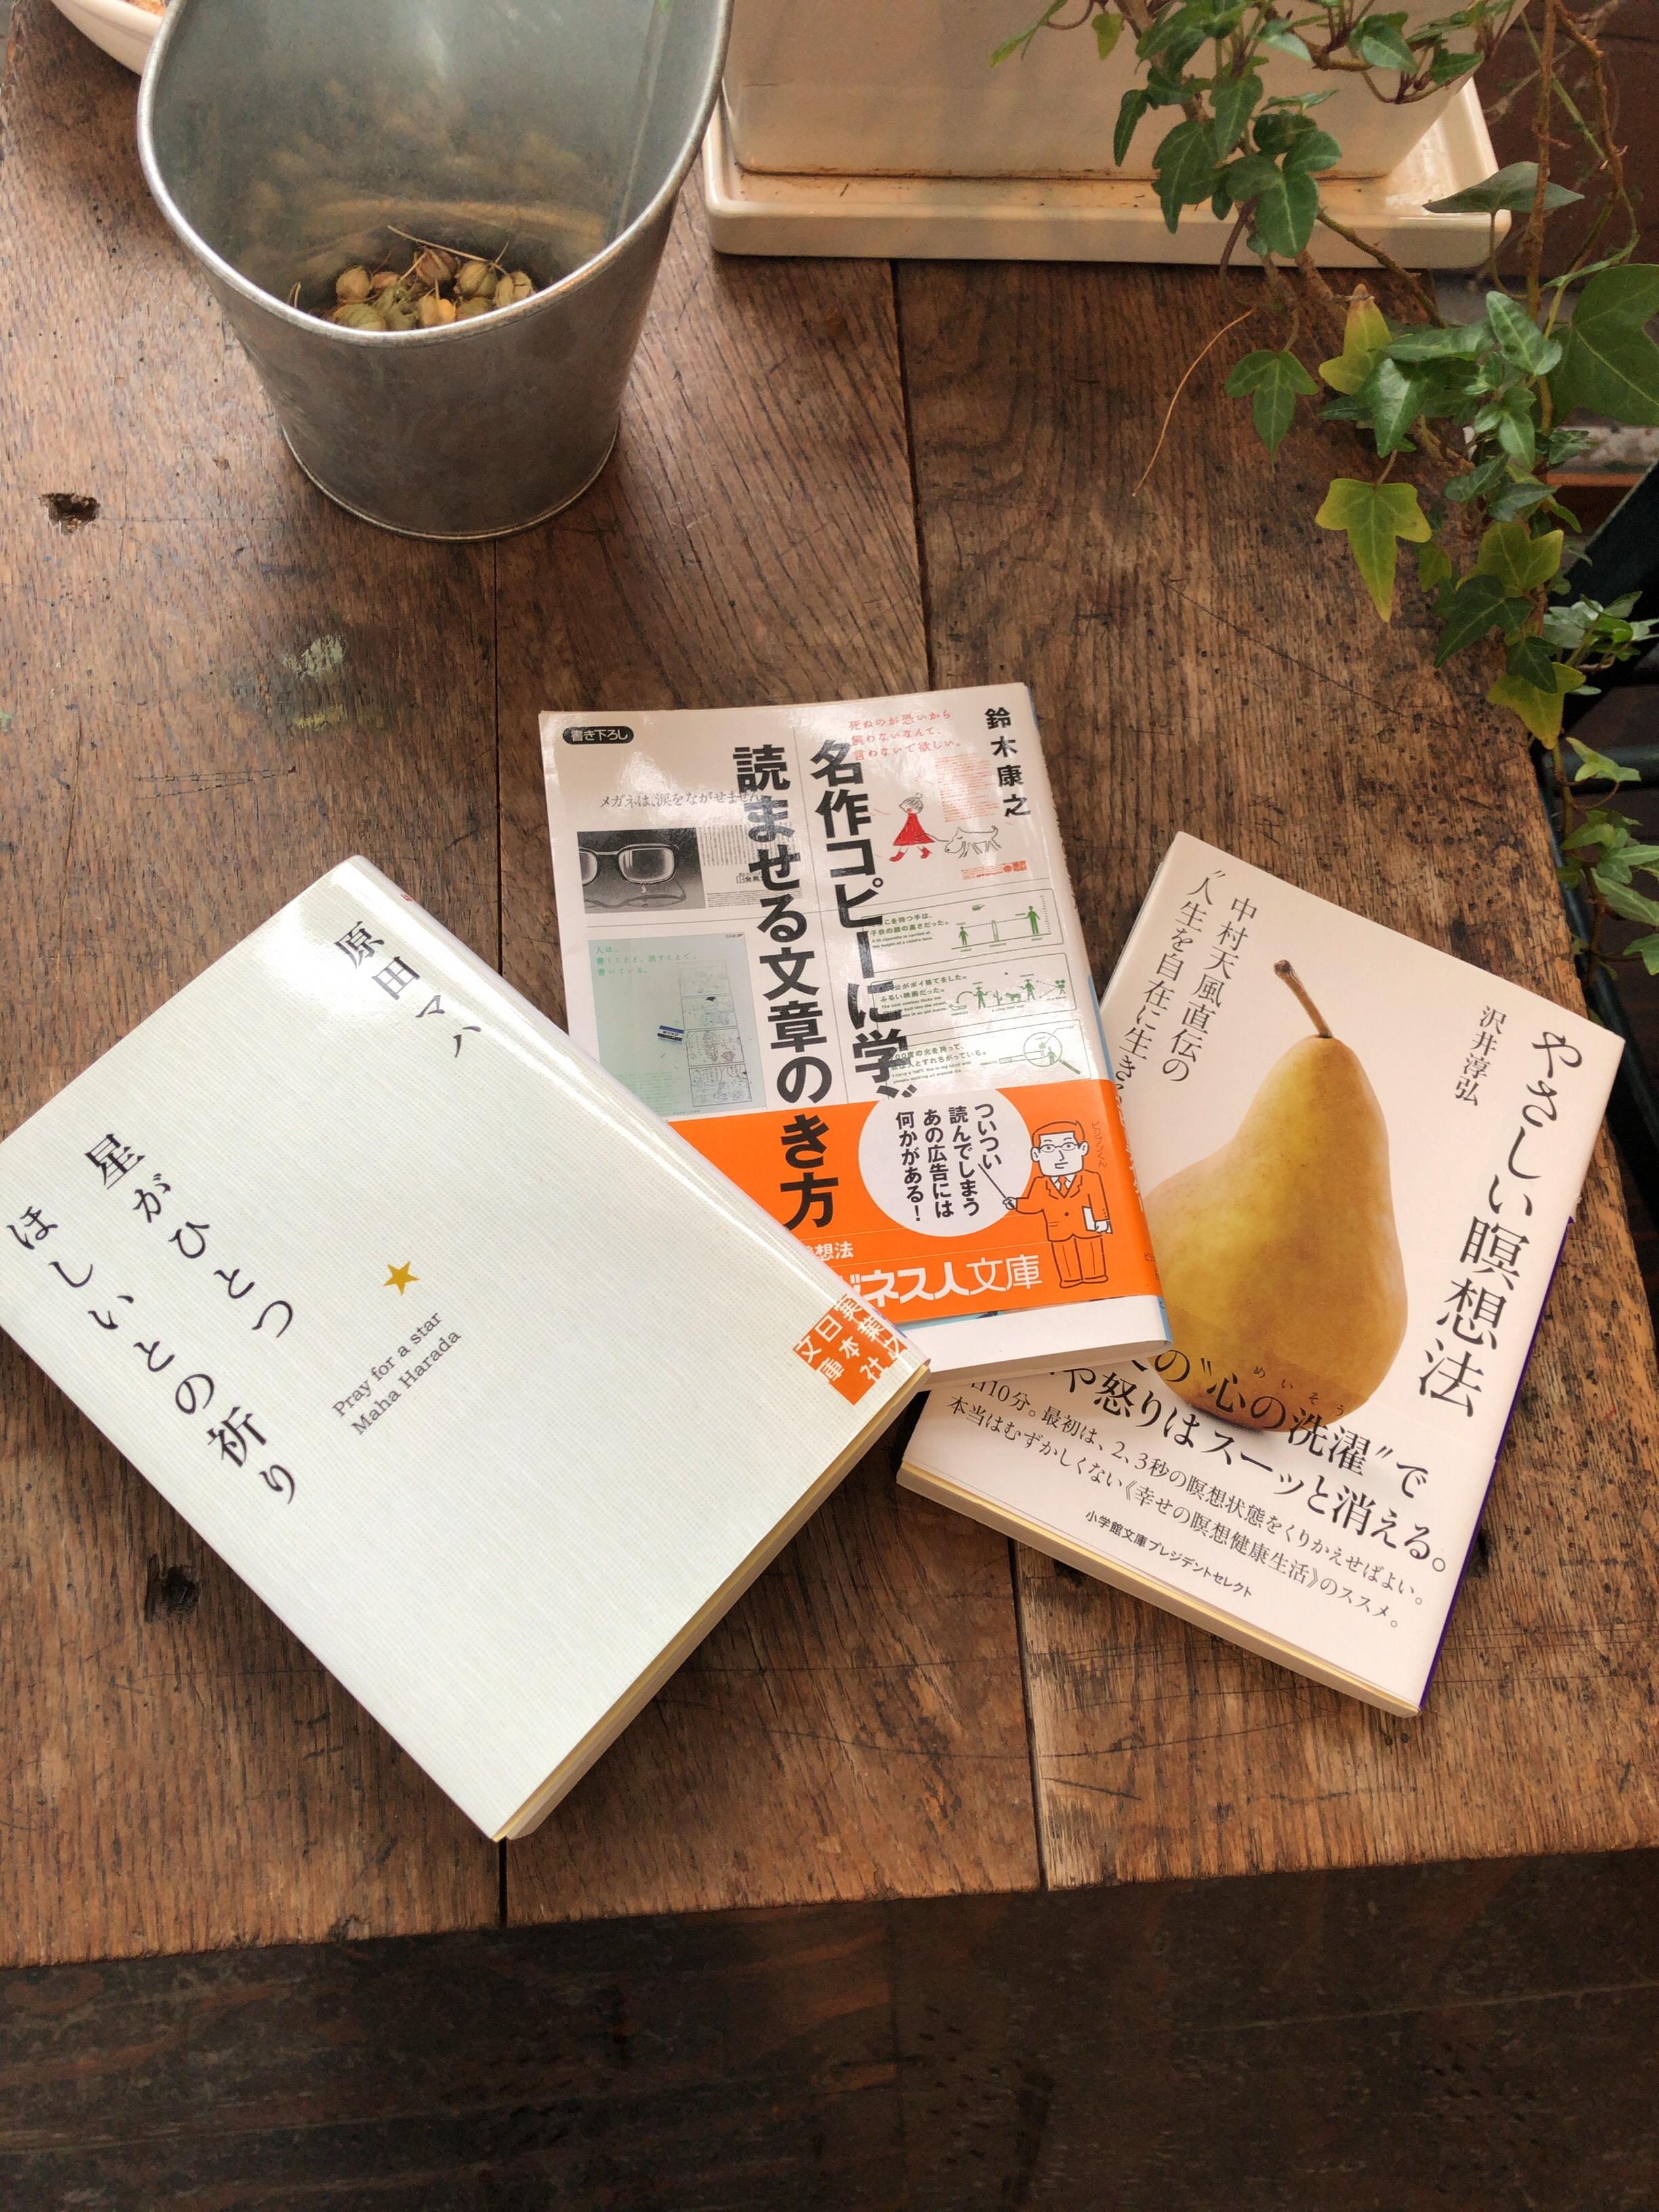 【ちっこ文庫】星がひとつ/名作コピー/瞑想法